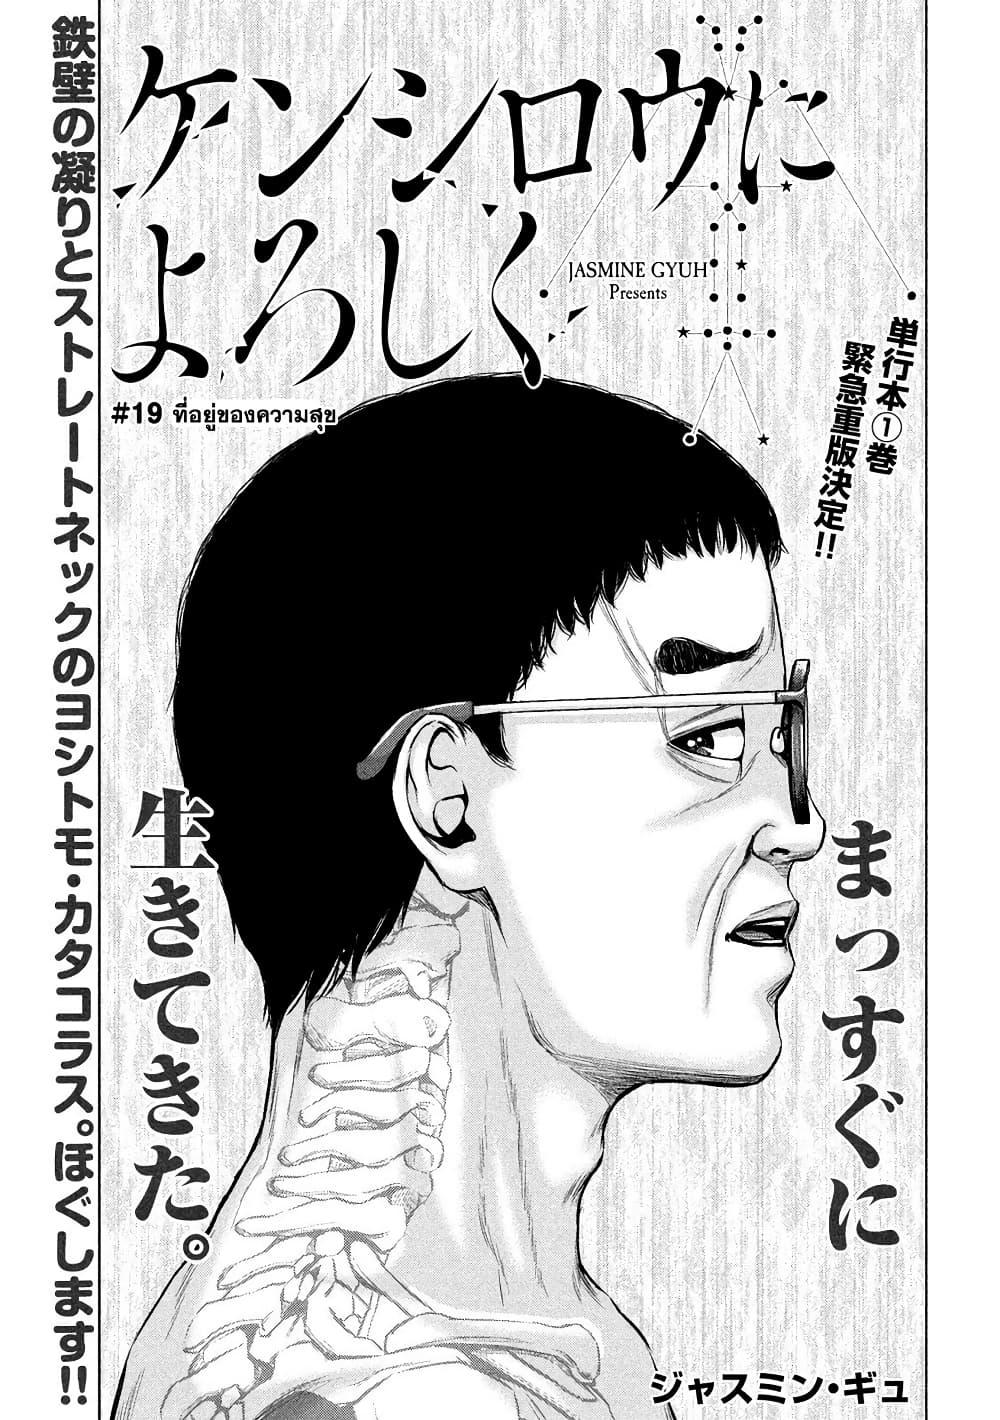 อ่านการ์ตูน Kenshirou ni Yoroshiku ตอนที่ 19 หน้าที่ 1